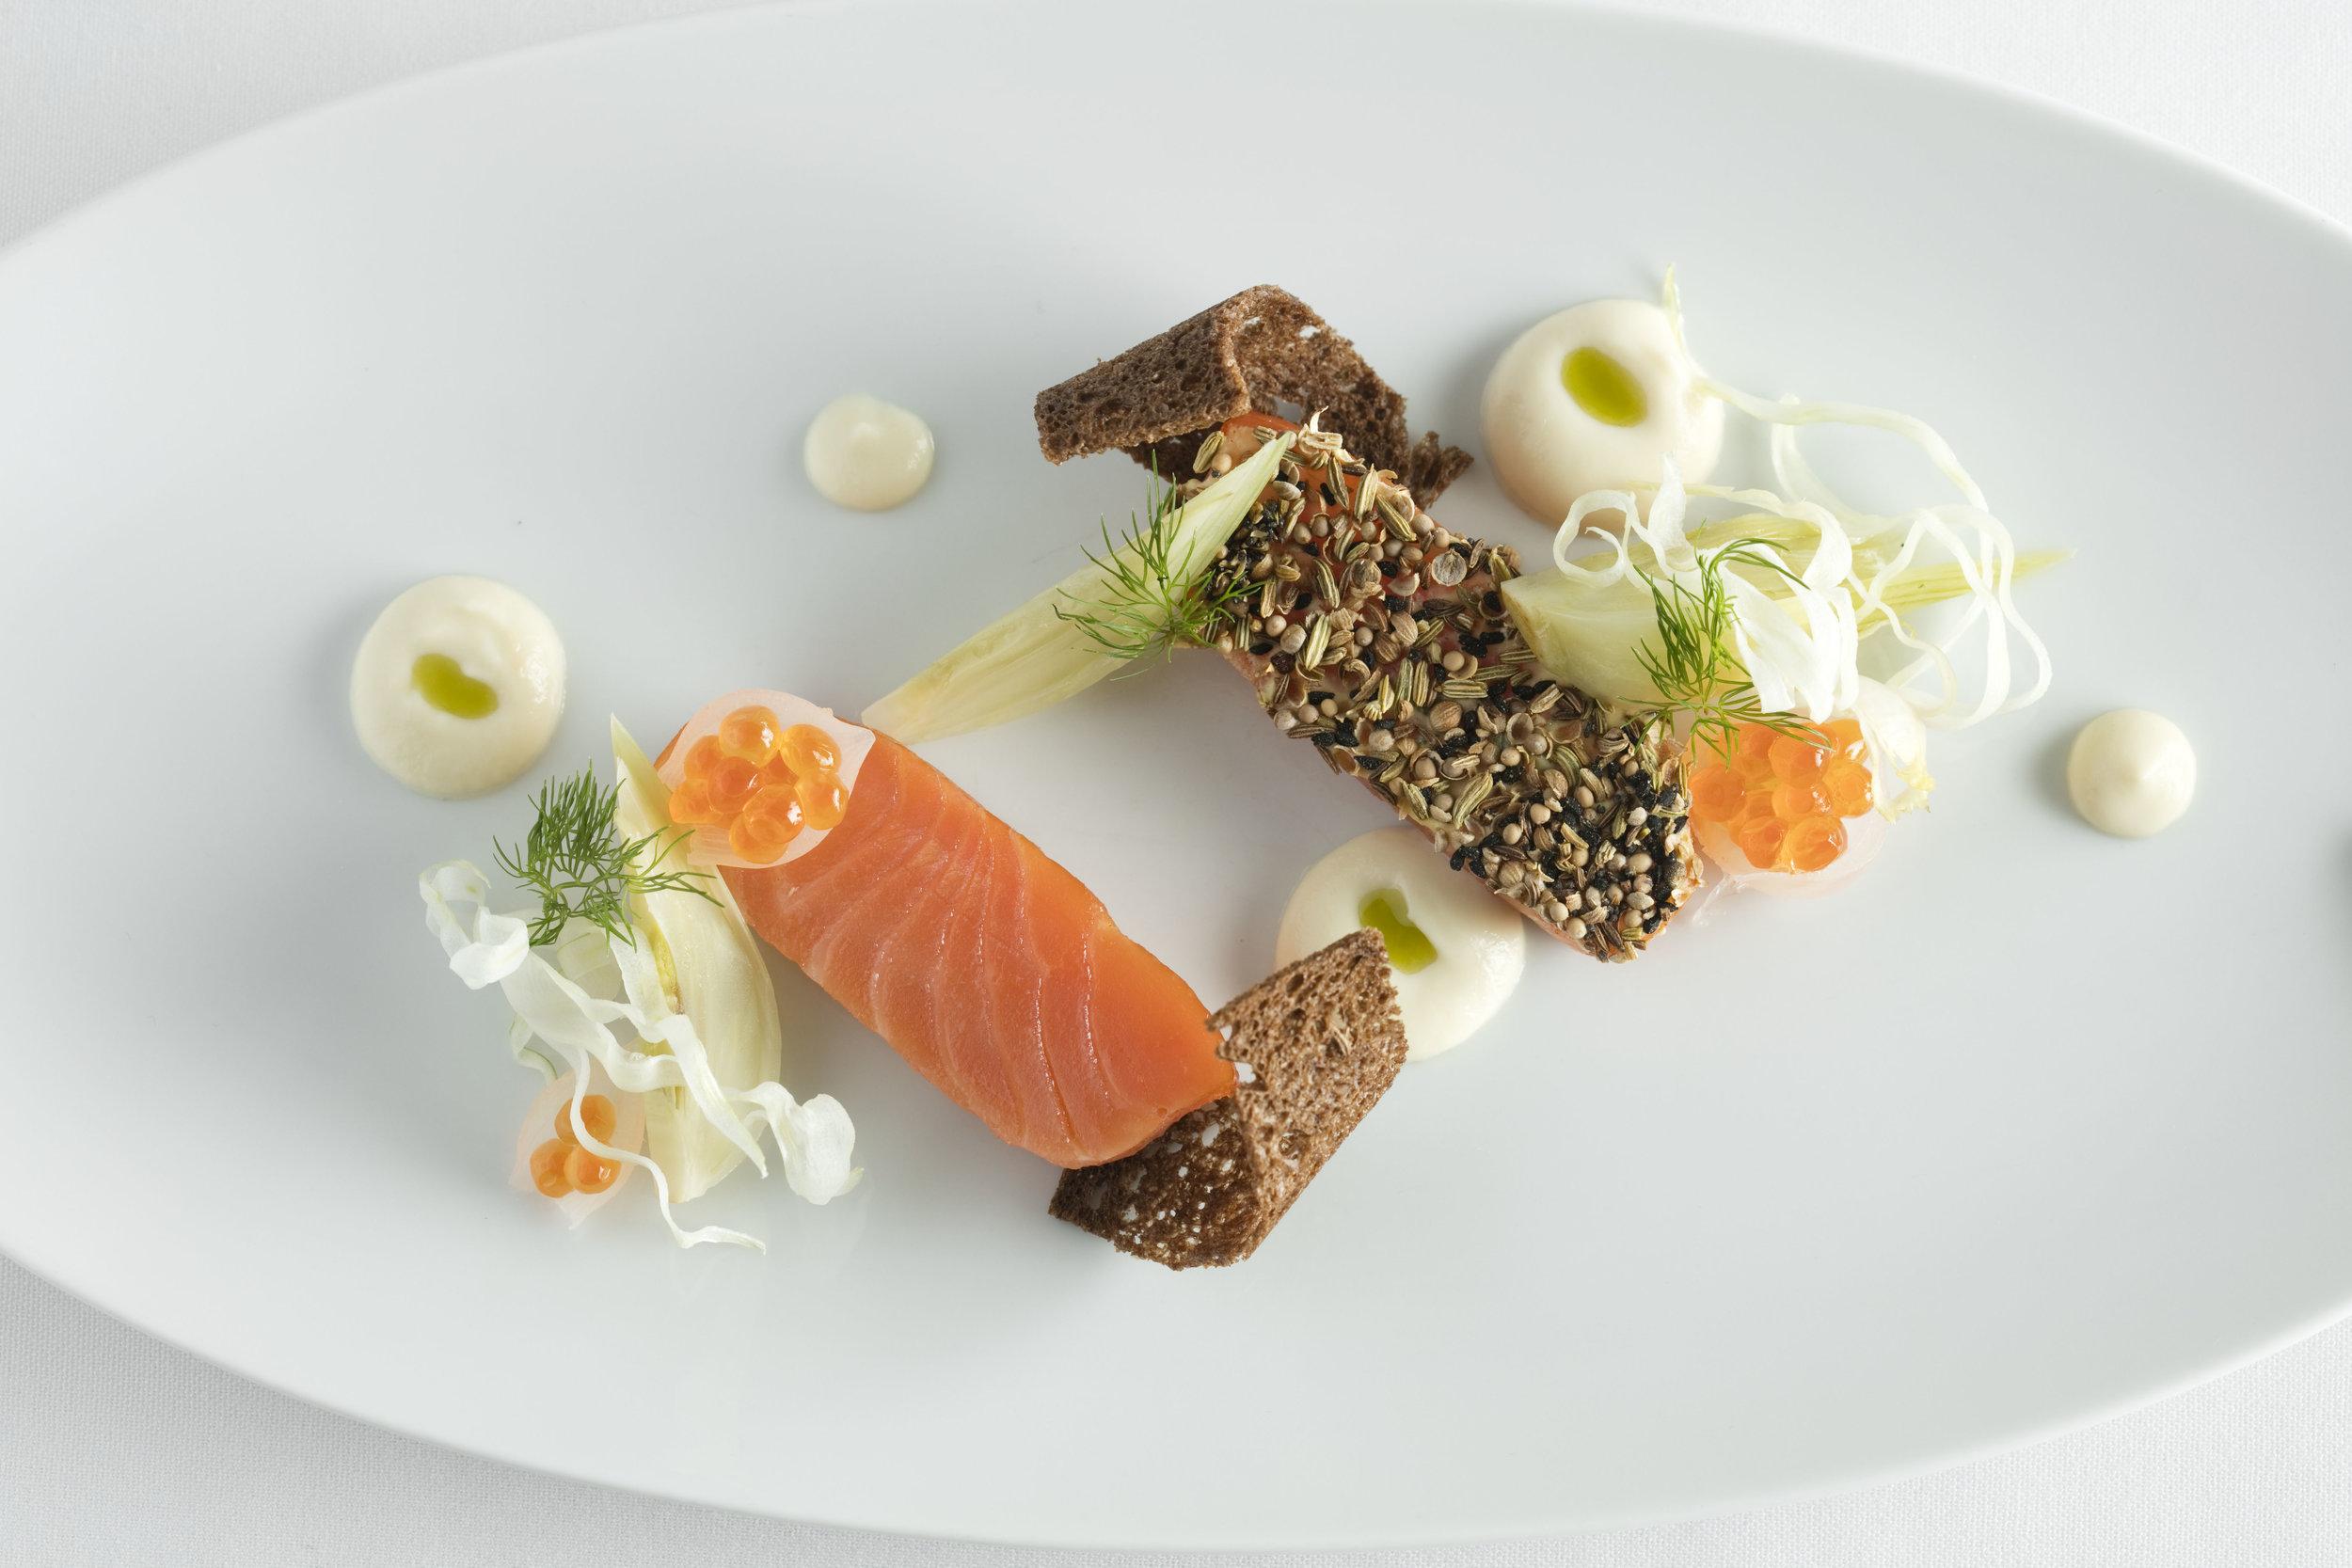 CBNY_smoked ora king salmon2_MelissaHom.jpg